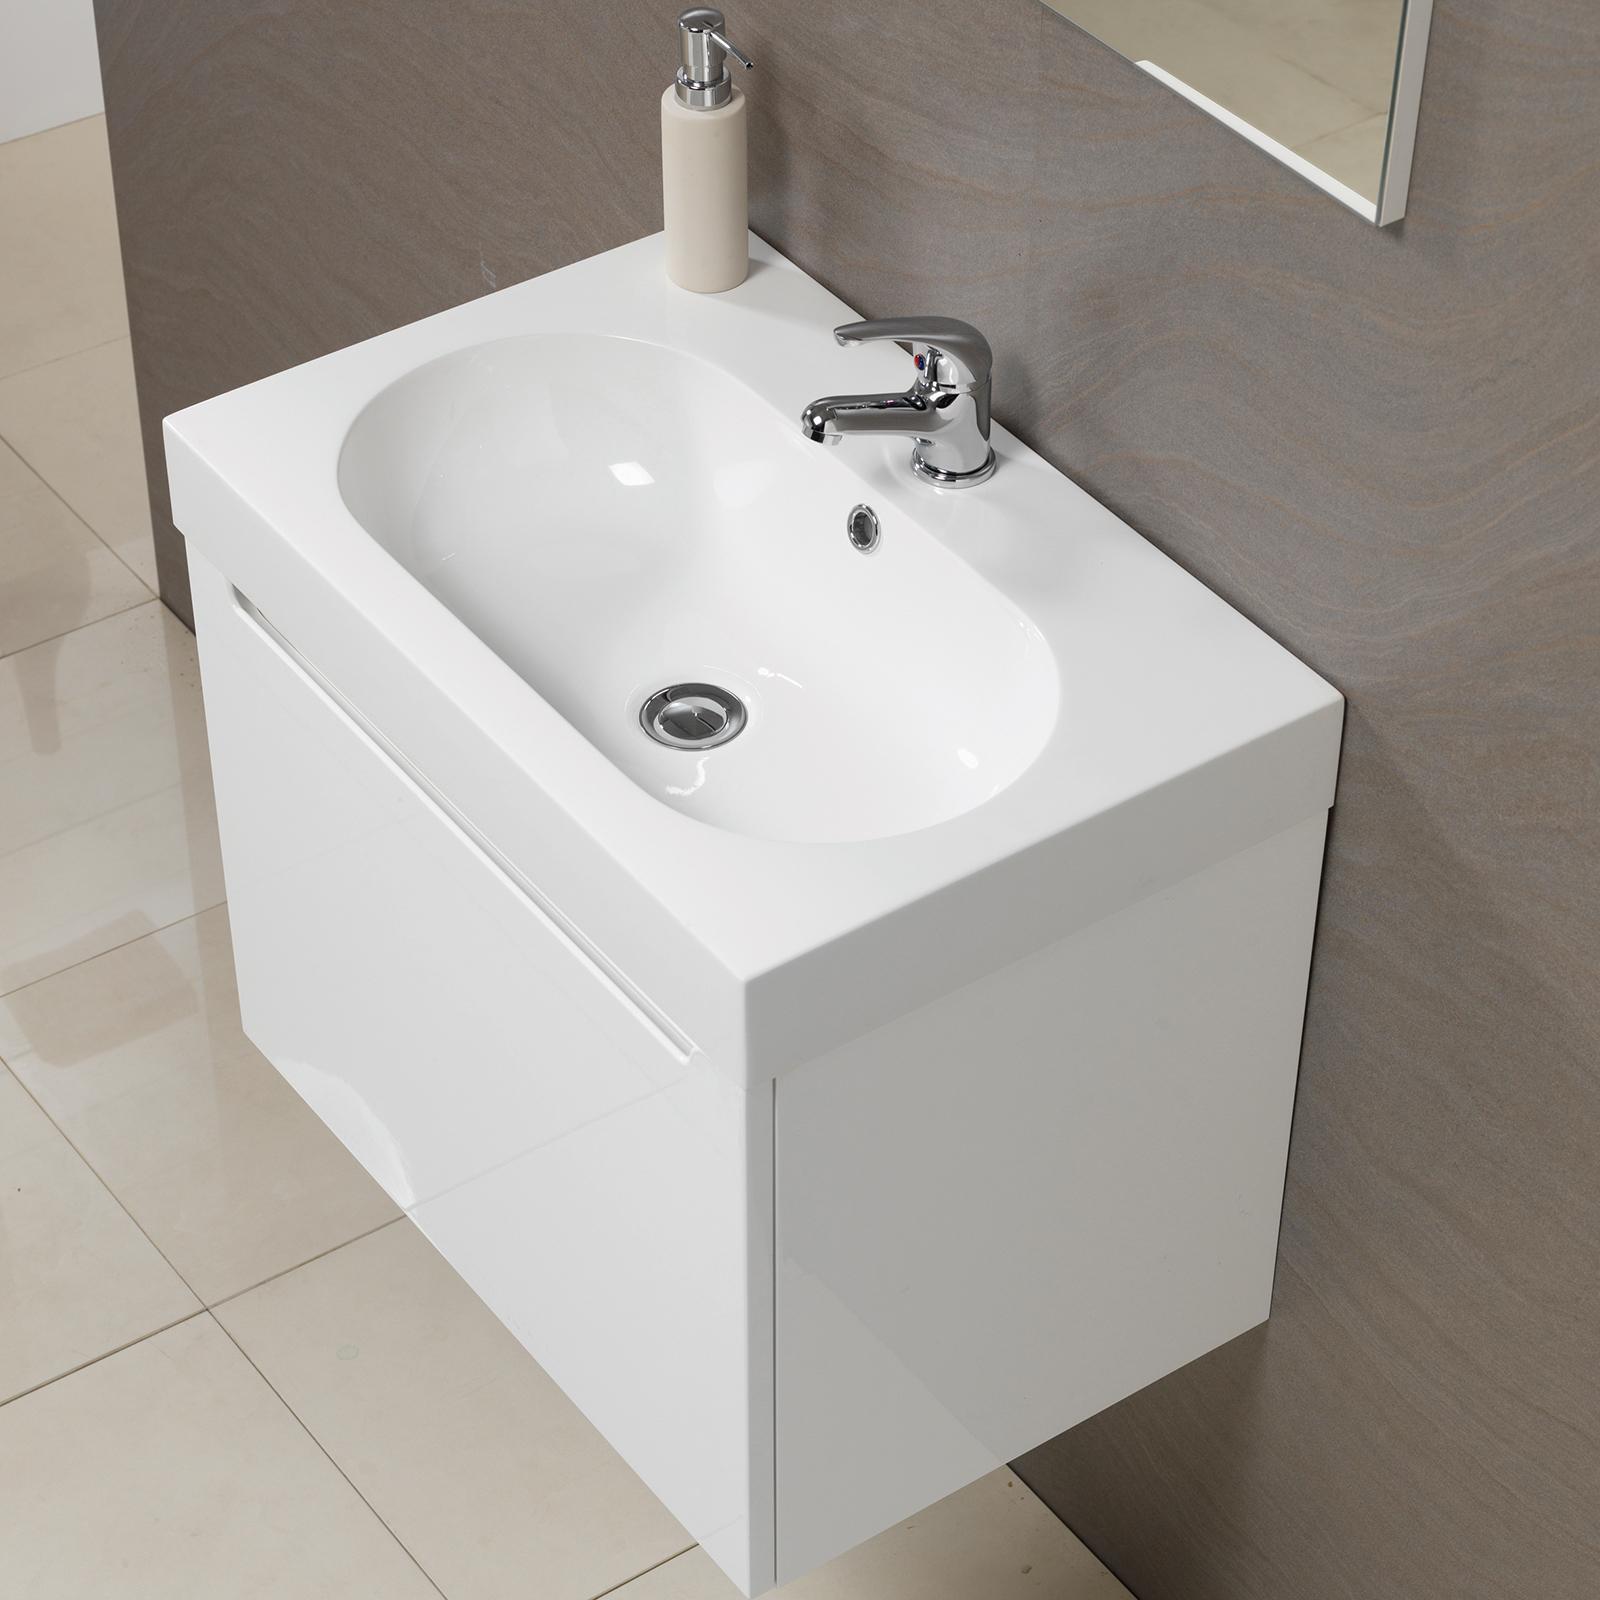 Radius 60 Wall Hung Vanity Unit Amp Basin With Tap 163 244 80 At Allbits Plumbing Supplies